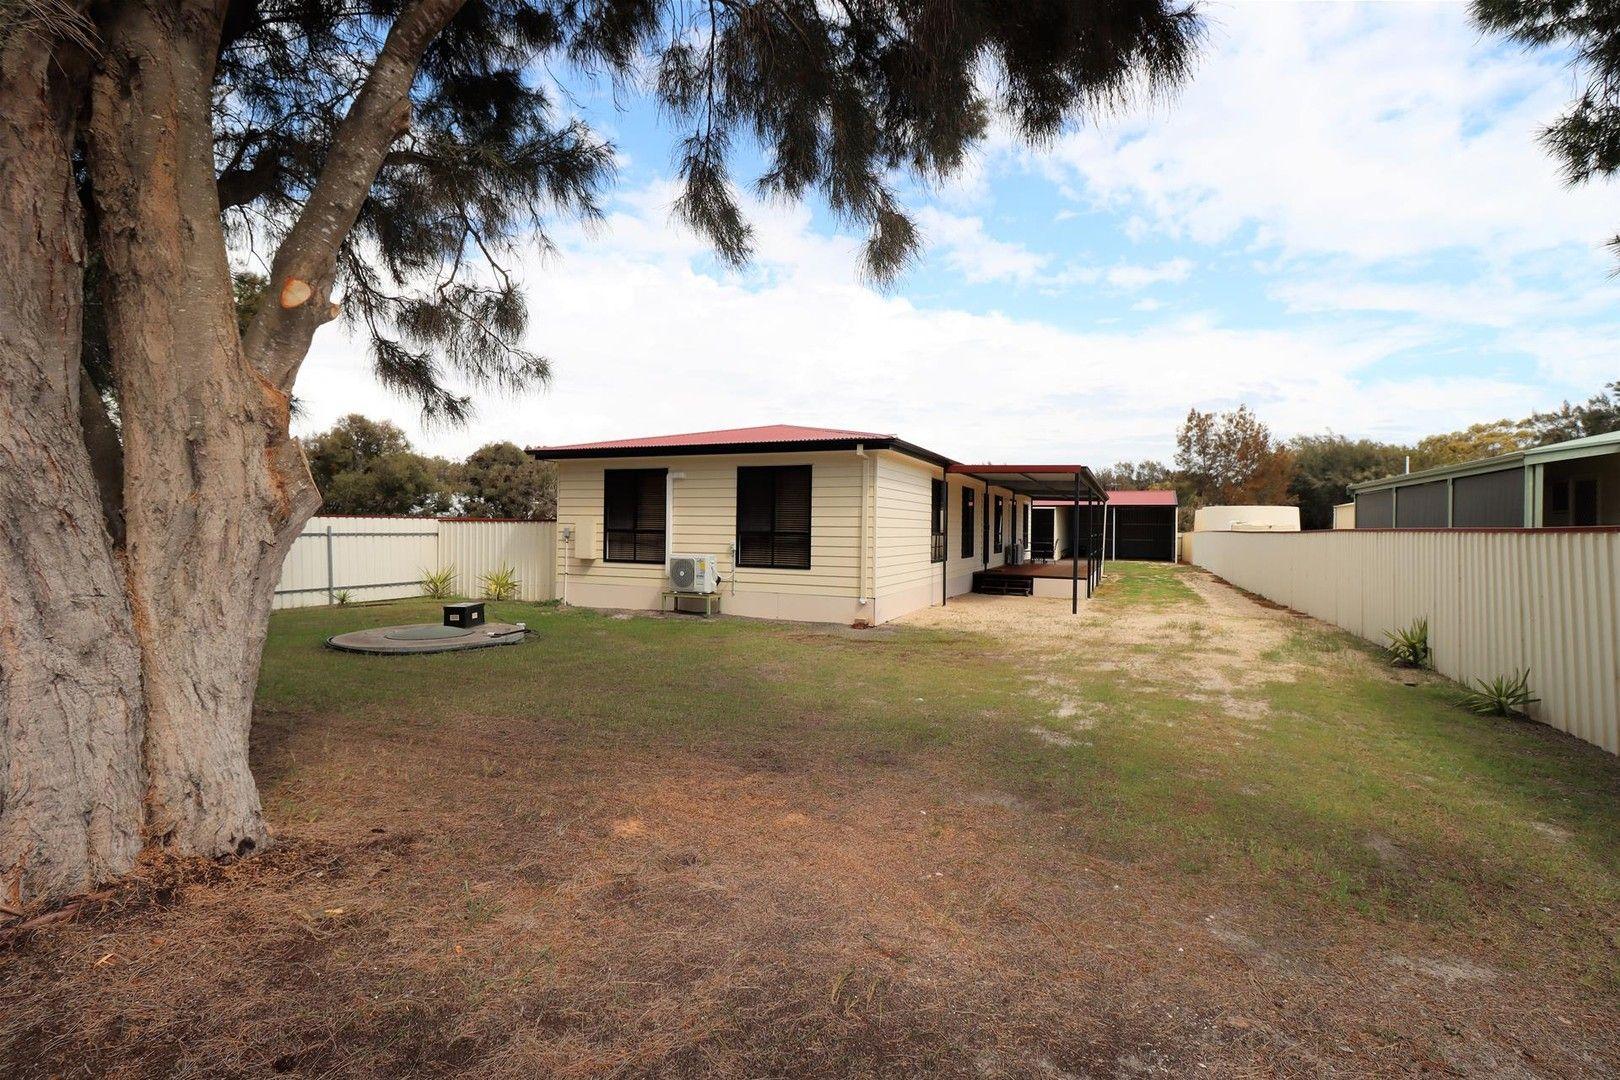 206 Corny Point Road, Corny Point SA 5575, Image 0